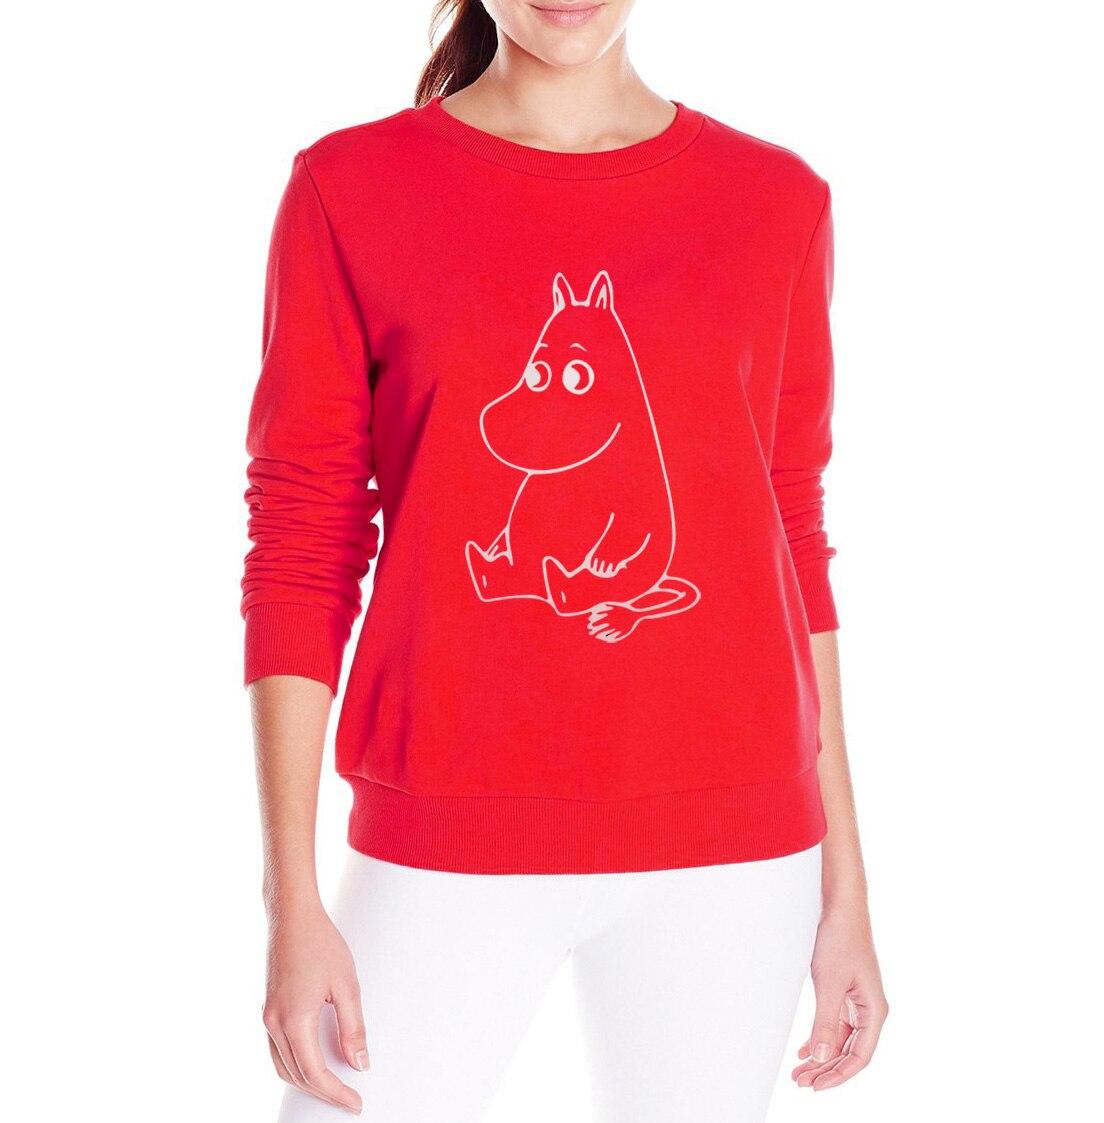 MUMINKI Kawaii Cartoon Wydrukowano bluza Kobiety bluzy z kapturem z polaru Śmieszne Przypadkowa kobieta swetry 2017 harajuku hip-hop marki dres 6